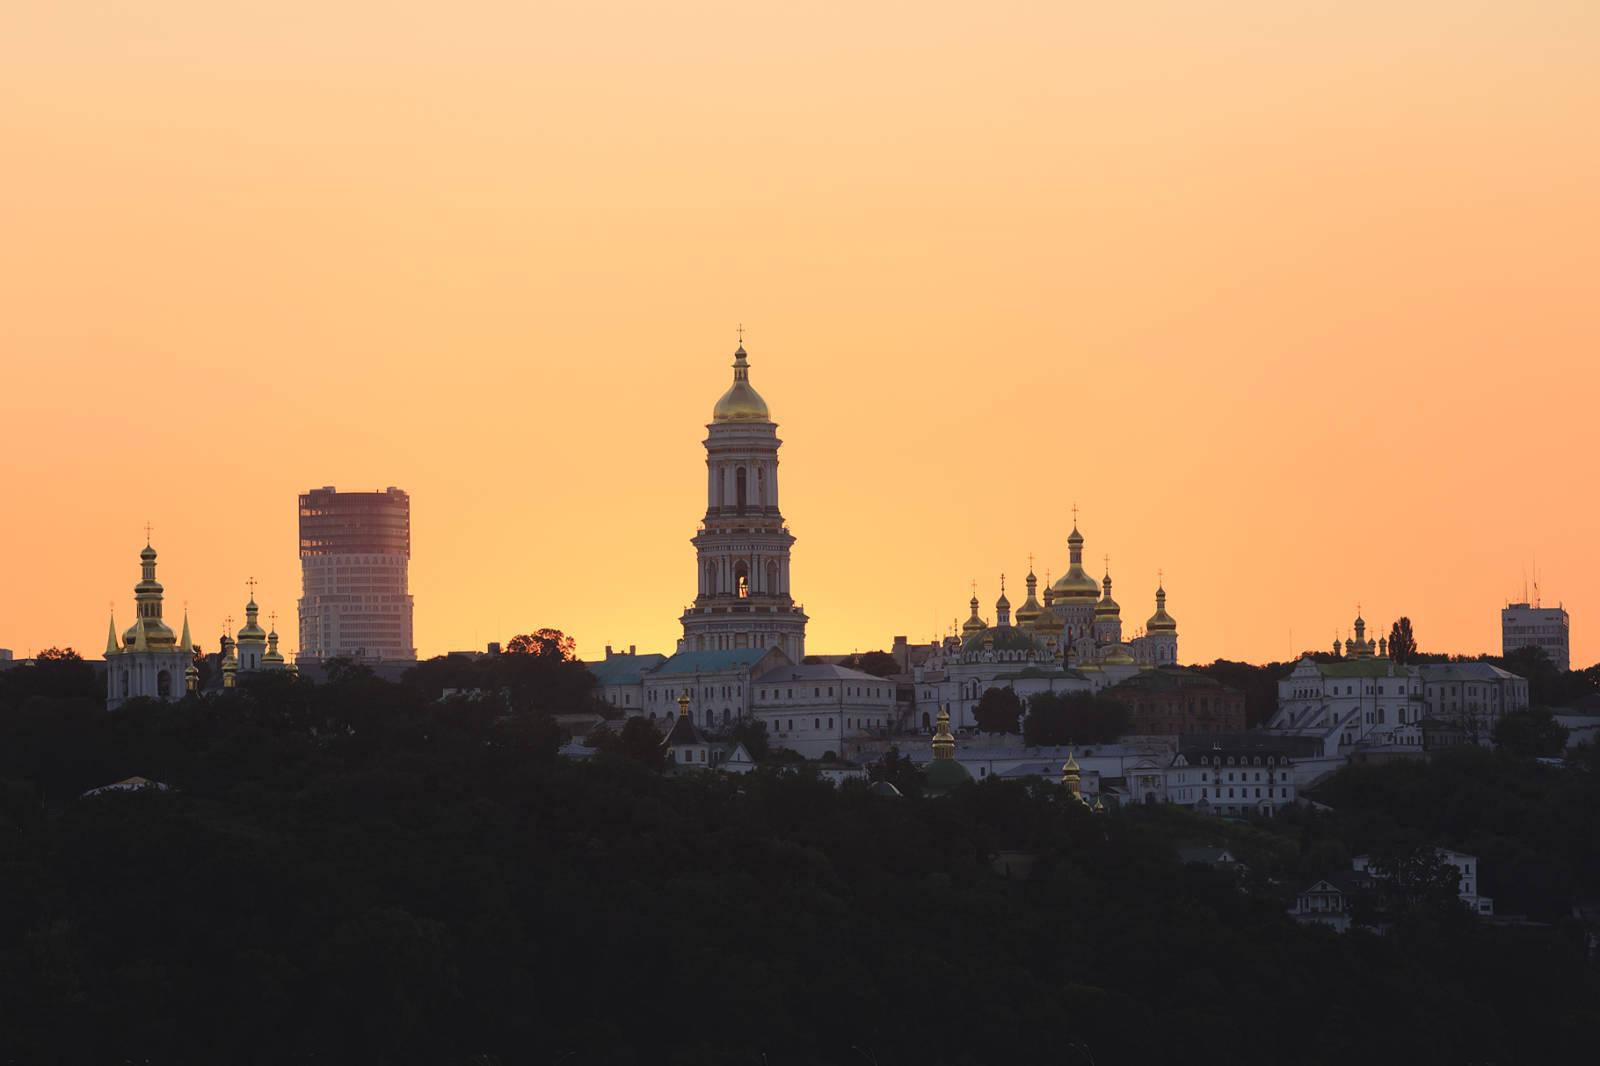 Relacja z wizyty studyjnej Instytutu Wolności w Kijowie oraz raport na temat dobrych praktyk wynikłych z prowadzonych reform